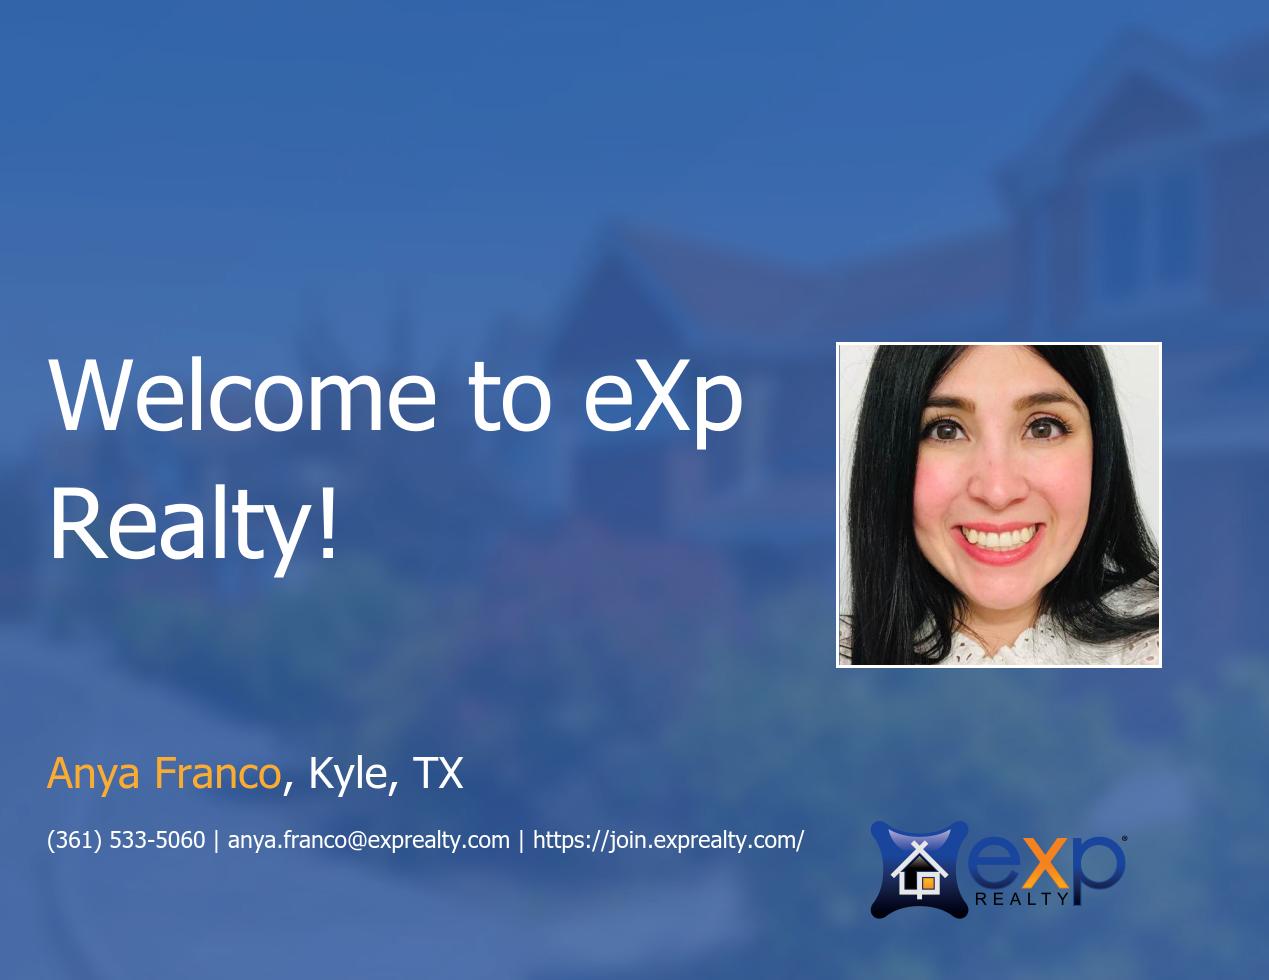 eXp Realty Welcomes Anya Franco!